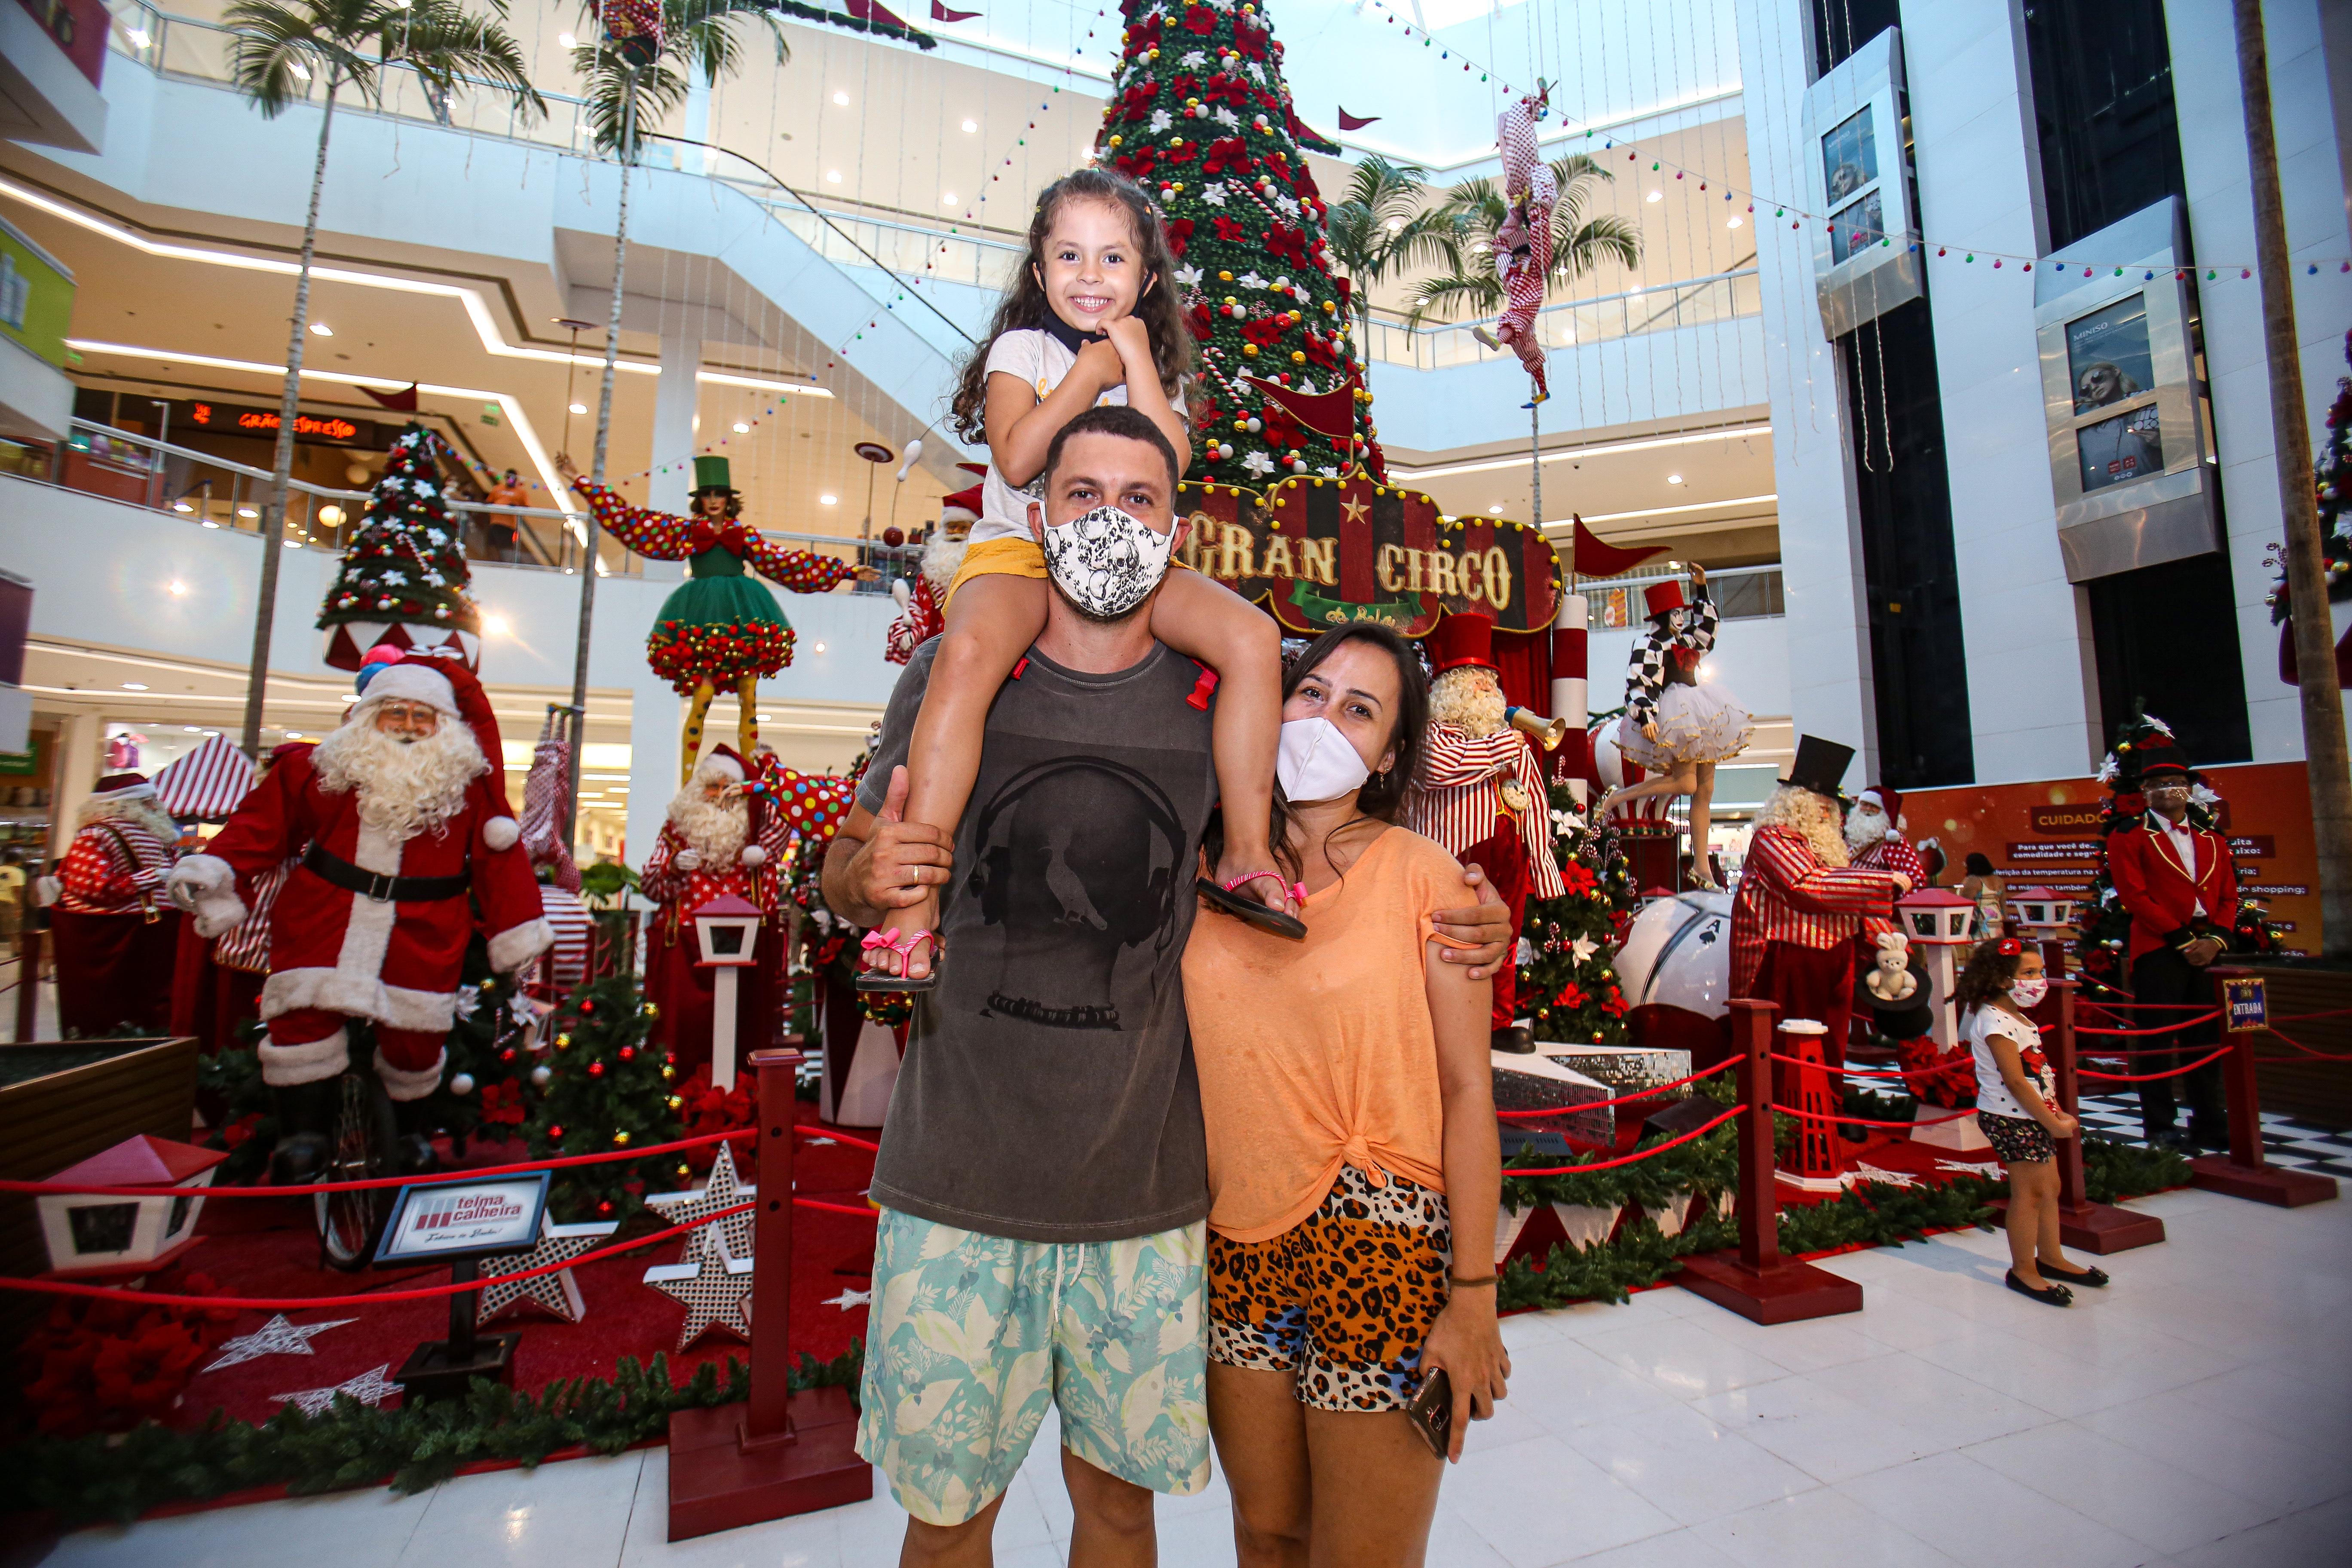 A jovem Sophia, 4 anos, veio conferir a decoração de Natal do shopping